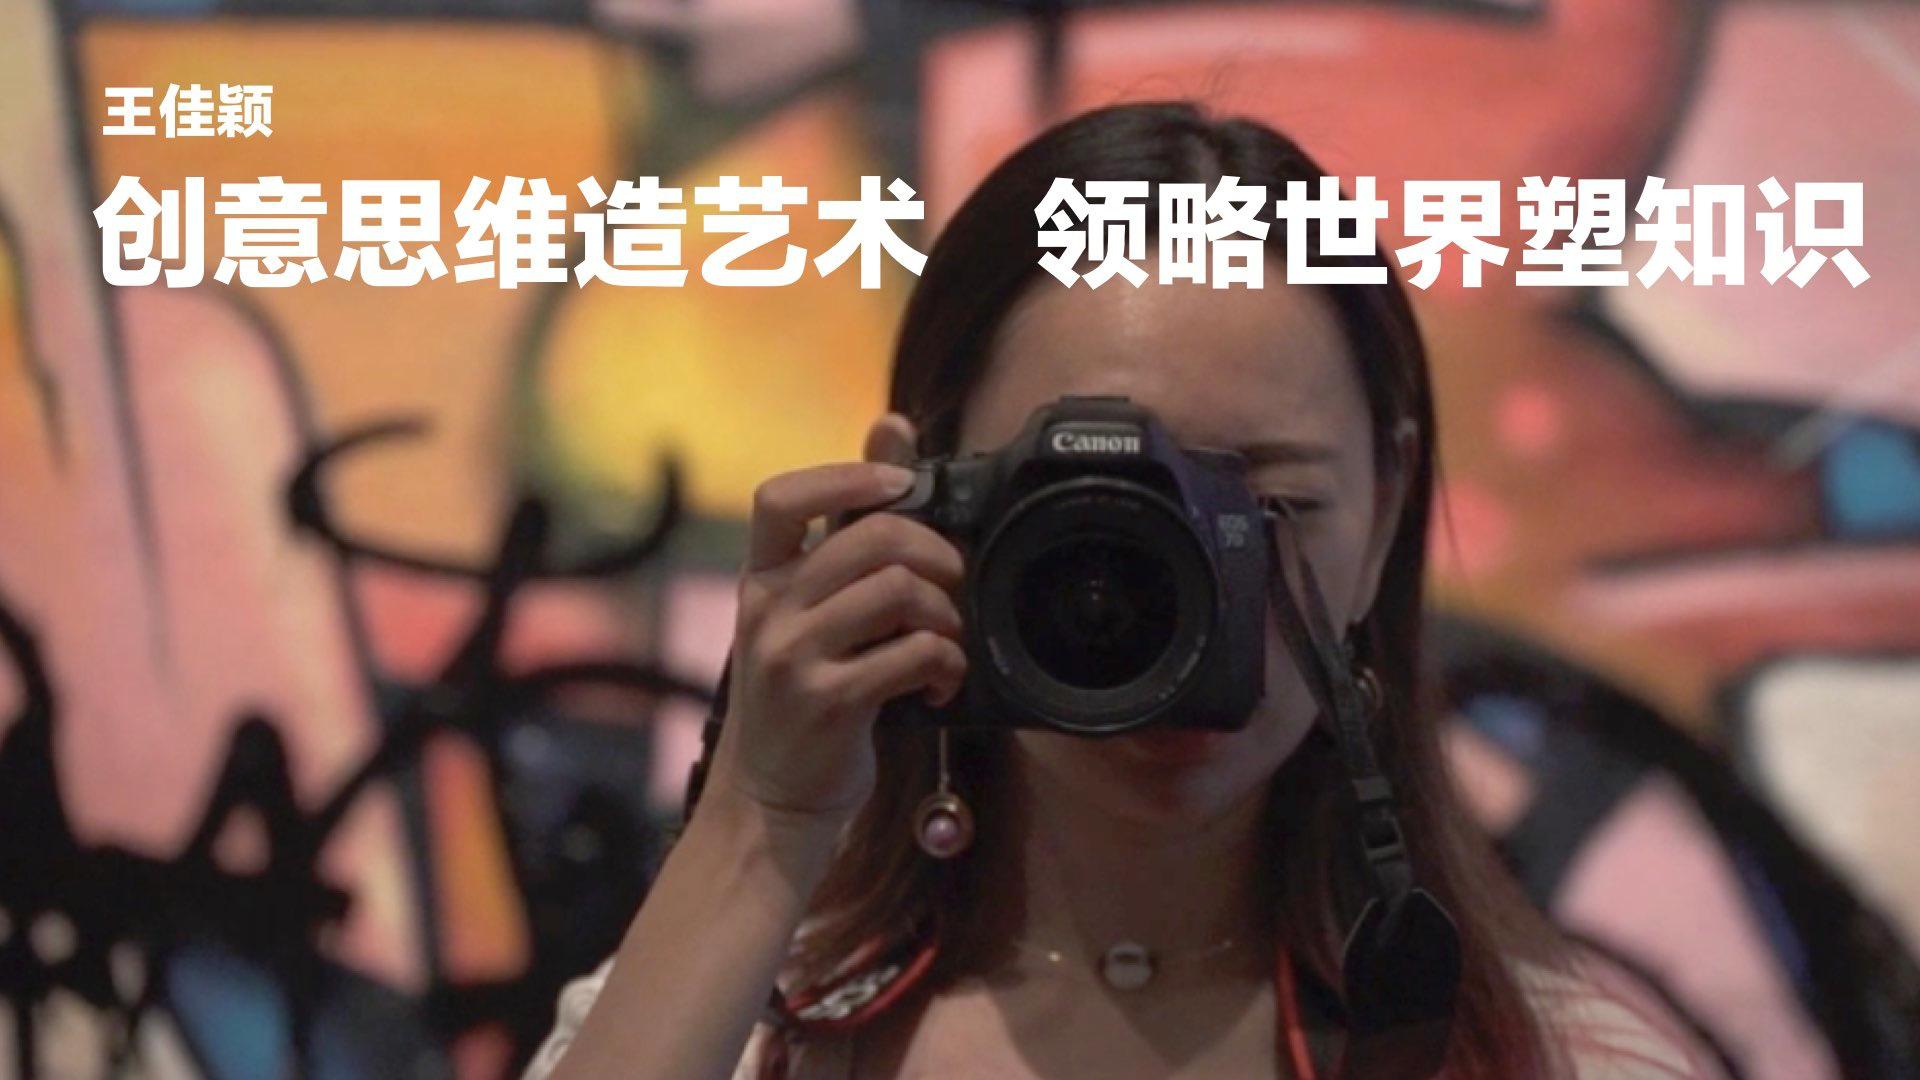 专访――创艺教育INSPIRER_HUB_创始人王佳颖,_新一代创意教育践行者